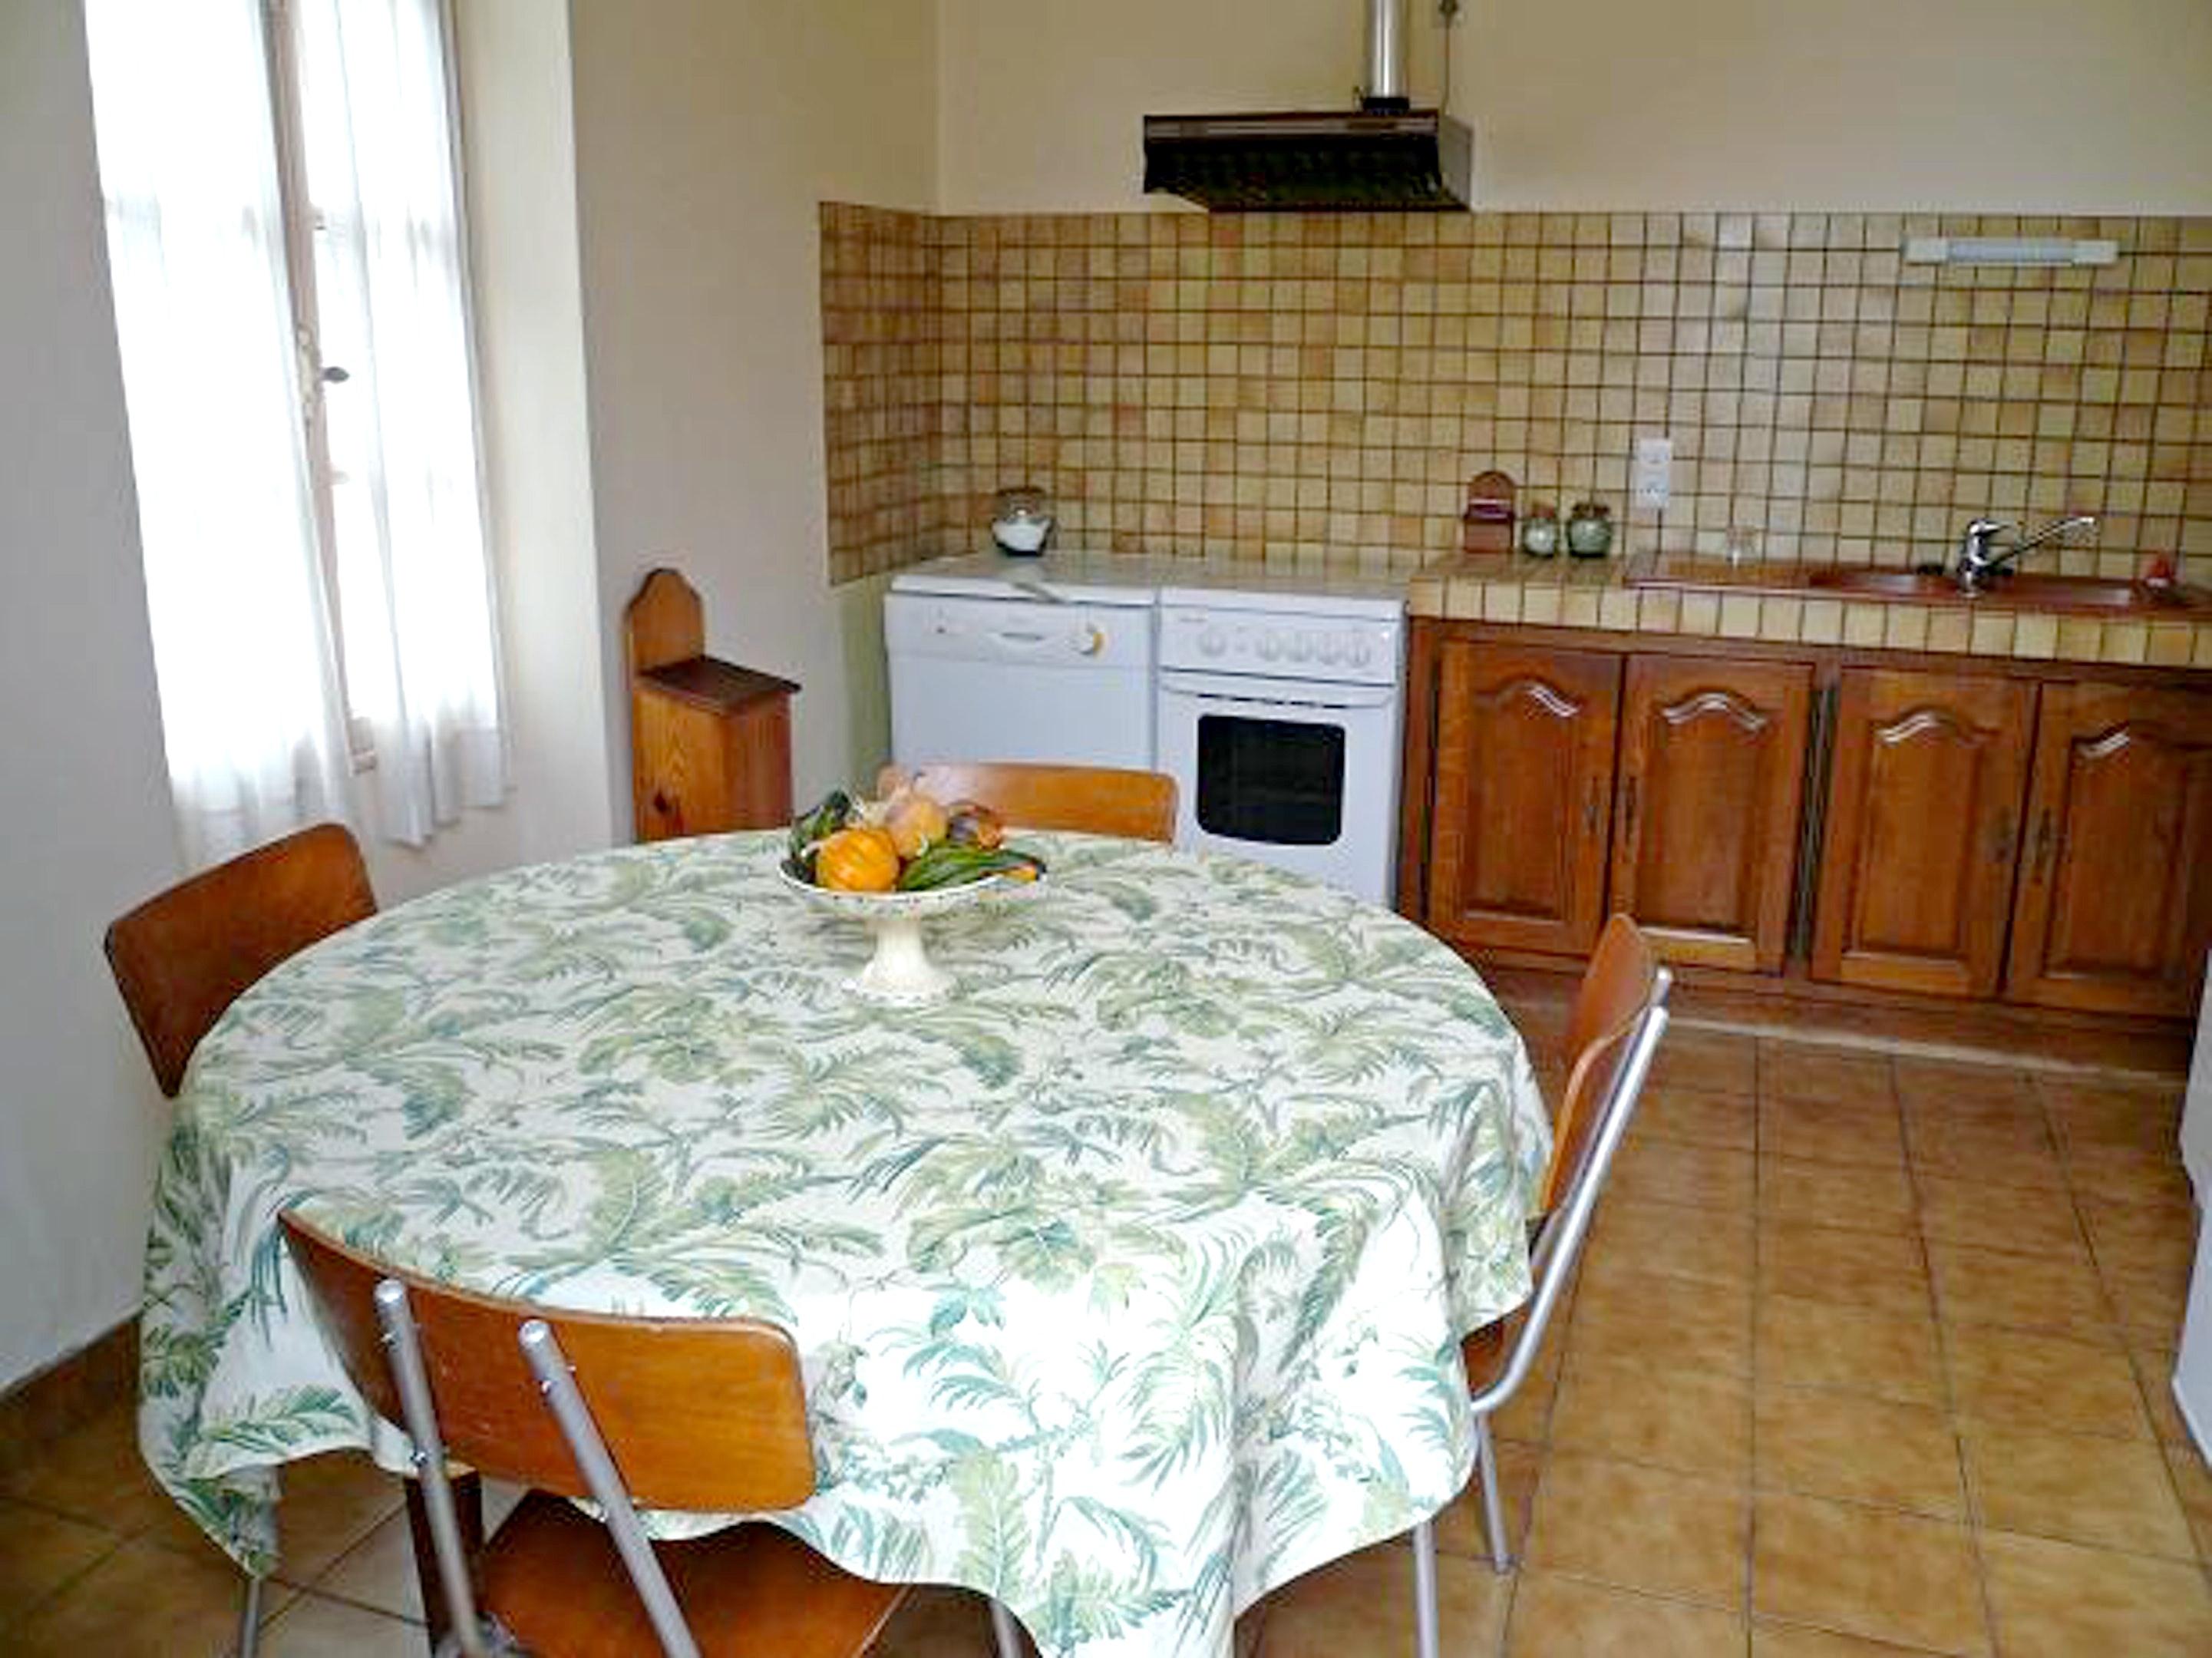 Maison de vacances Haus mit 4 Schlafzimmern in Castillon-la-Bataille mit eingezäuntem Garten und W-LAN - 85 k (2271453), Castillon la Bataille, Gironde, Aquitaine, France, image 4